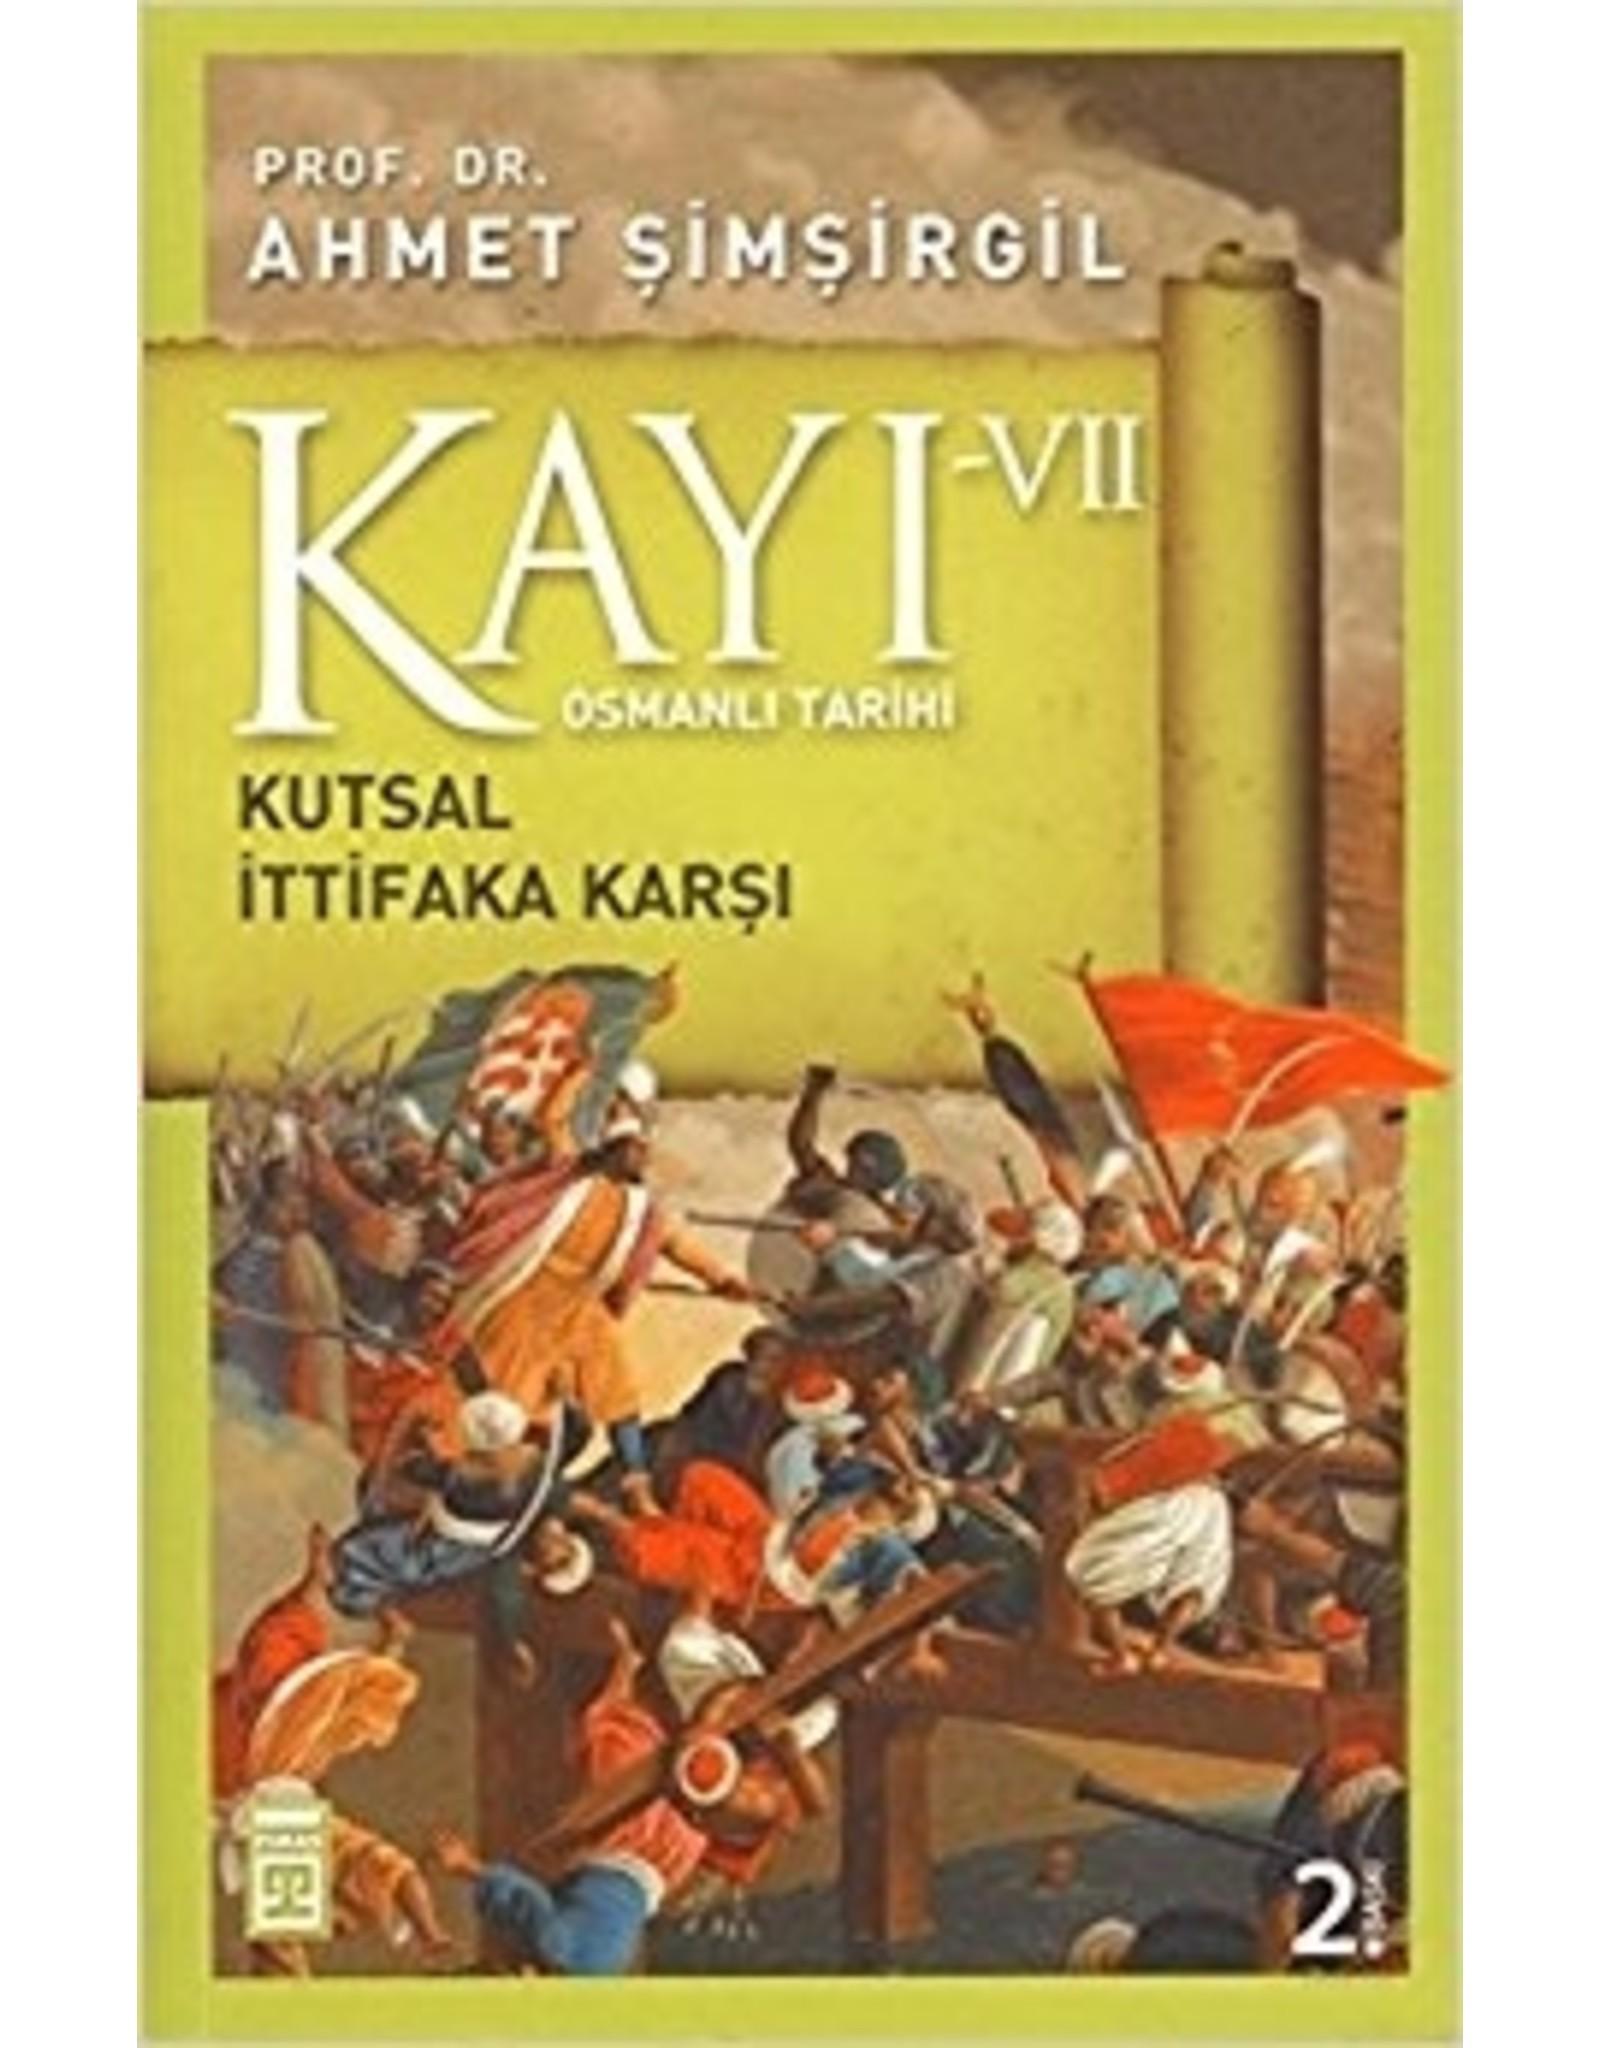 Ahmet Şimşirgil Kayı 7 - Osmanlı Tarihi / Kutsal İttifaka Karşı